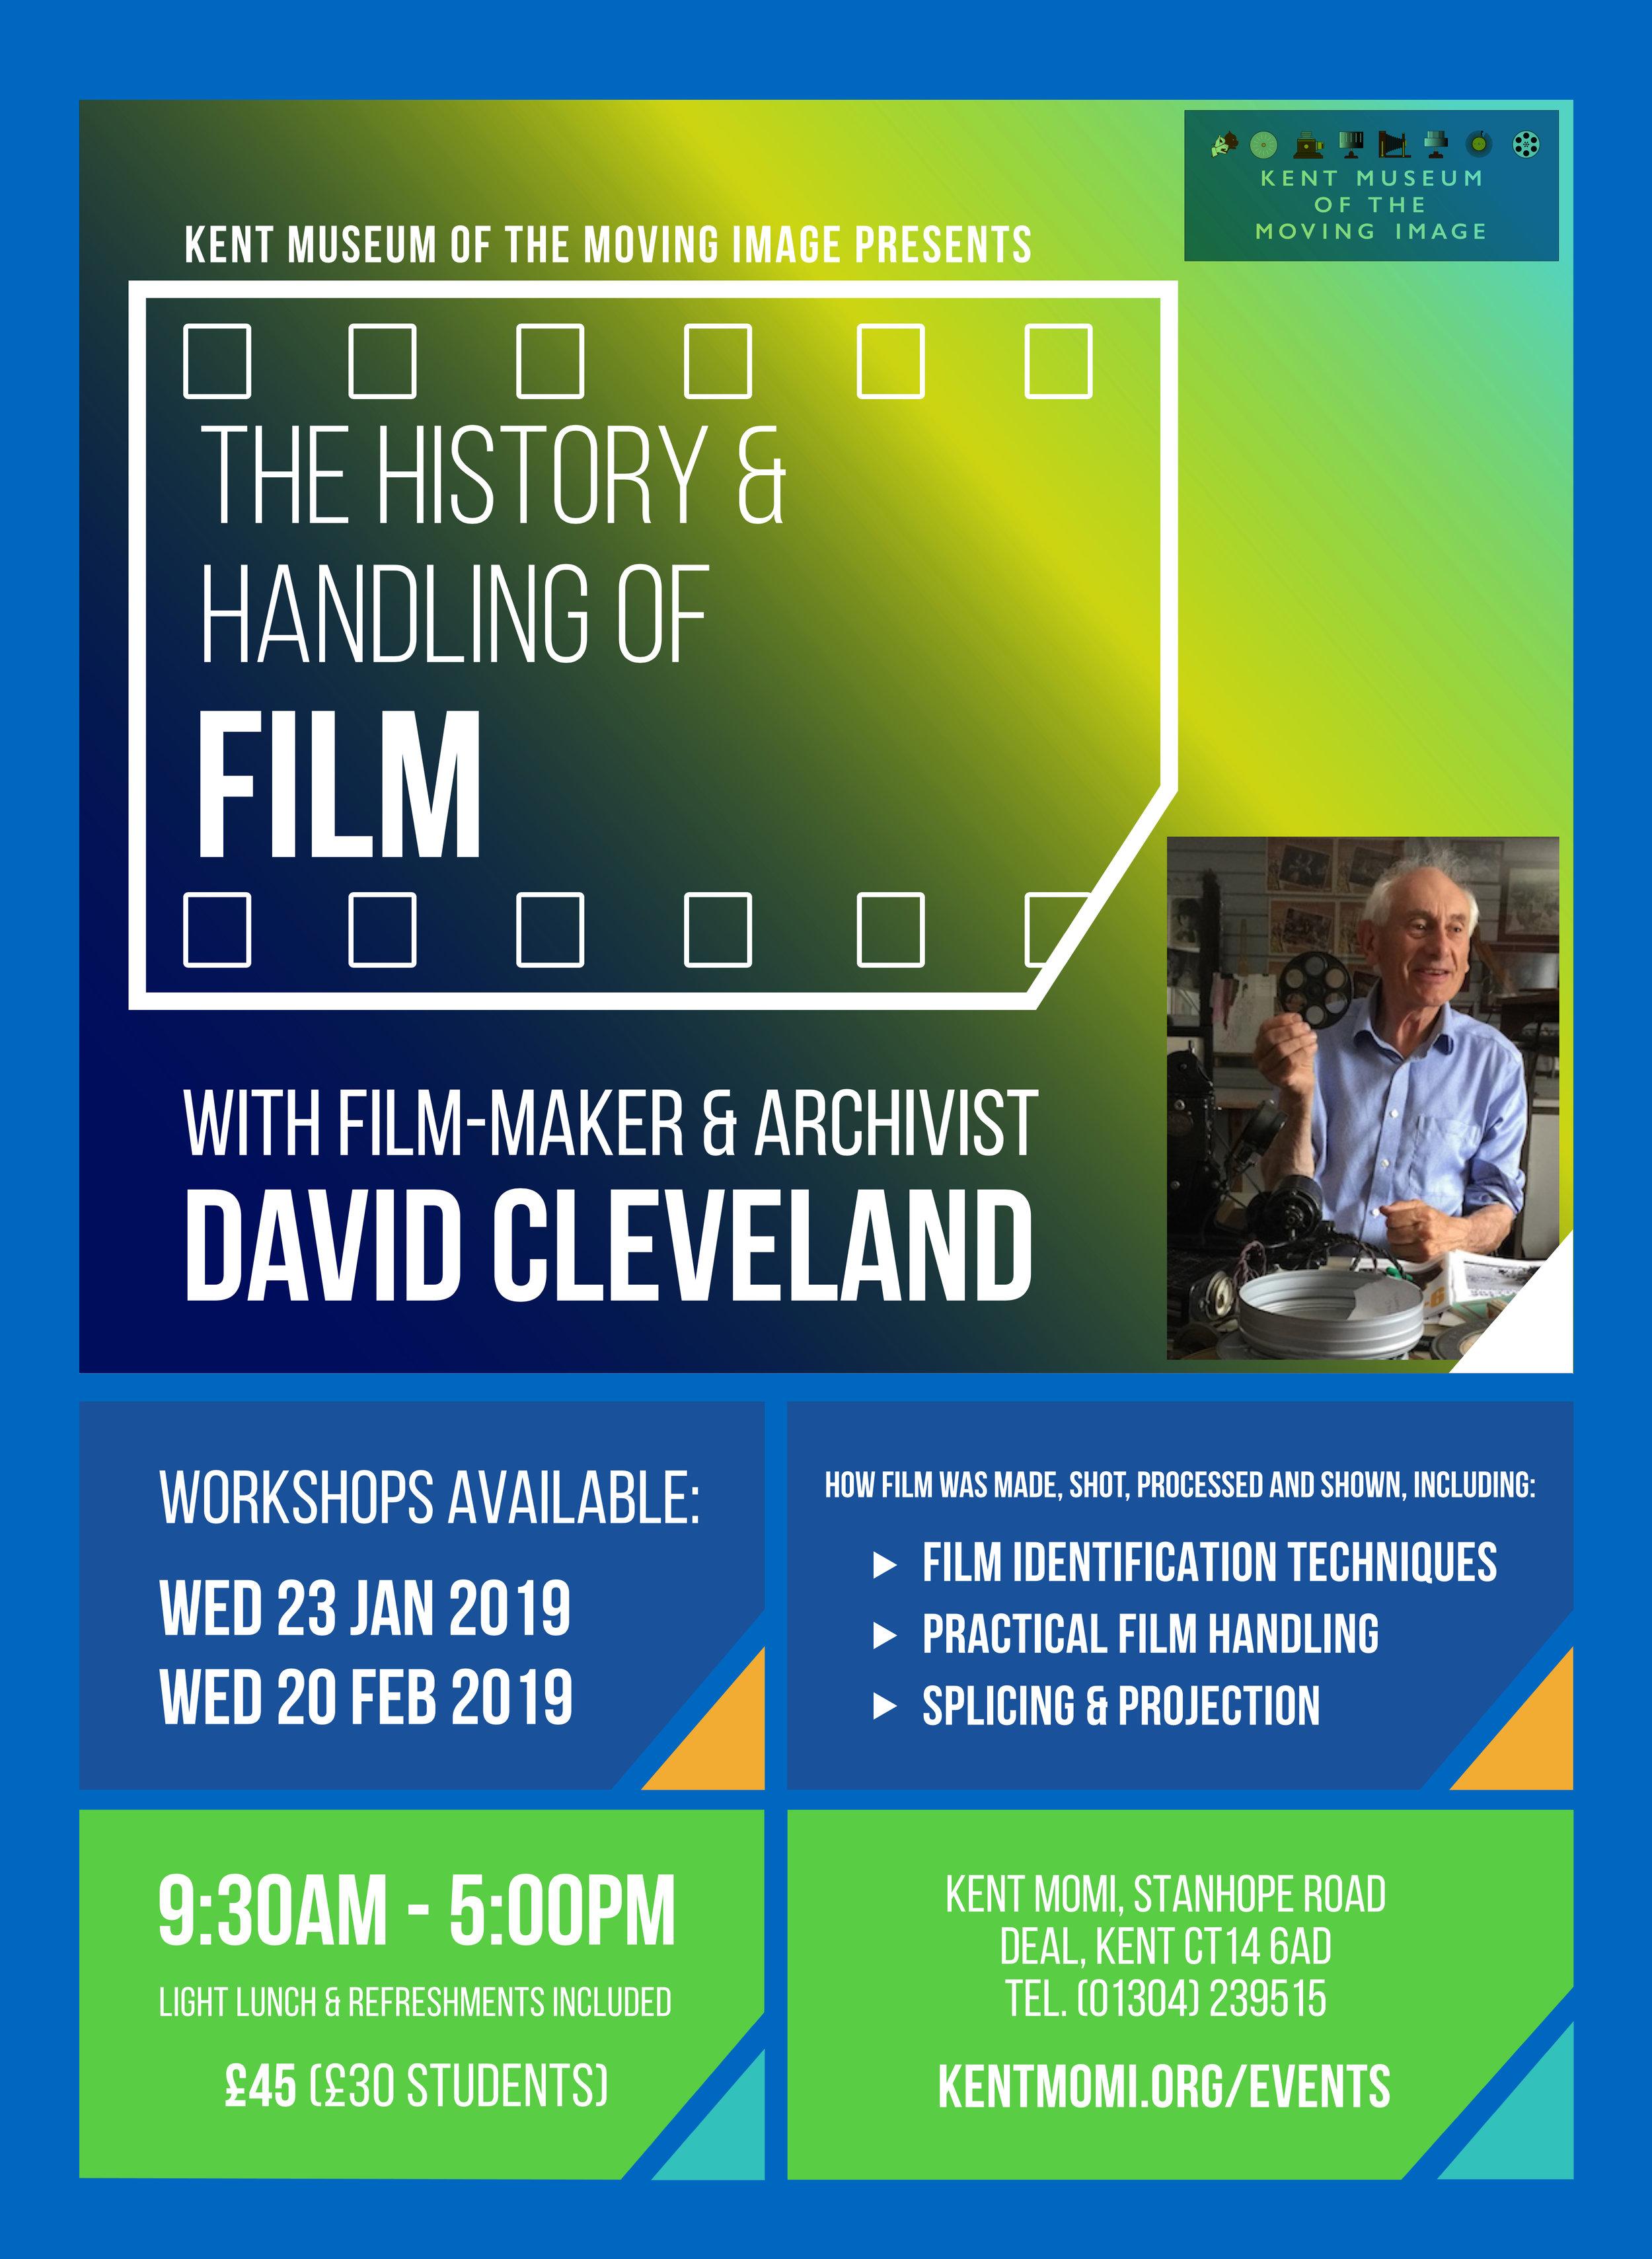 Film Workshop Poster-10 jpg.jpg